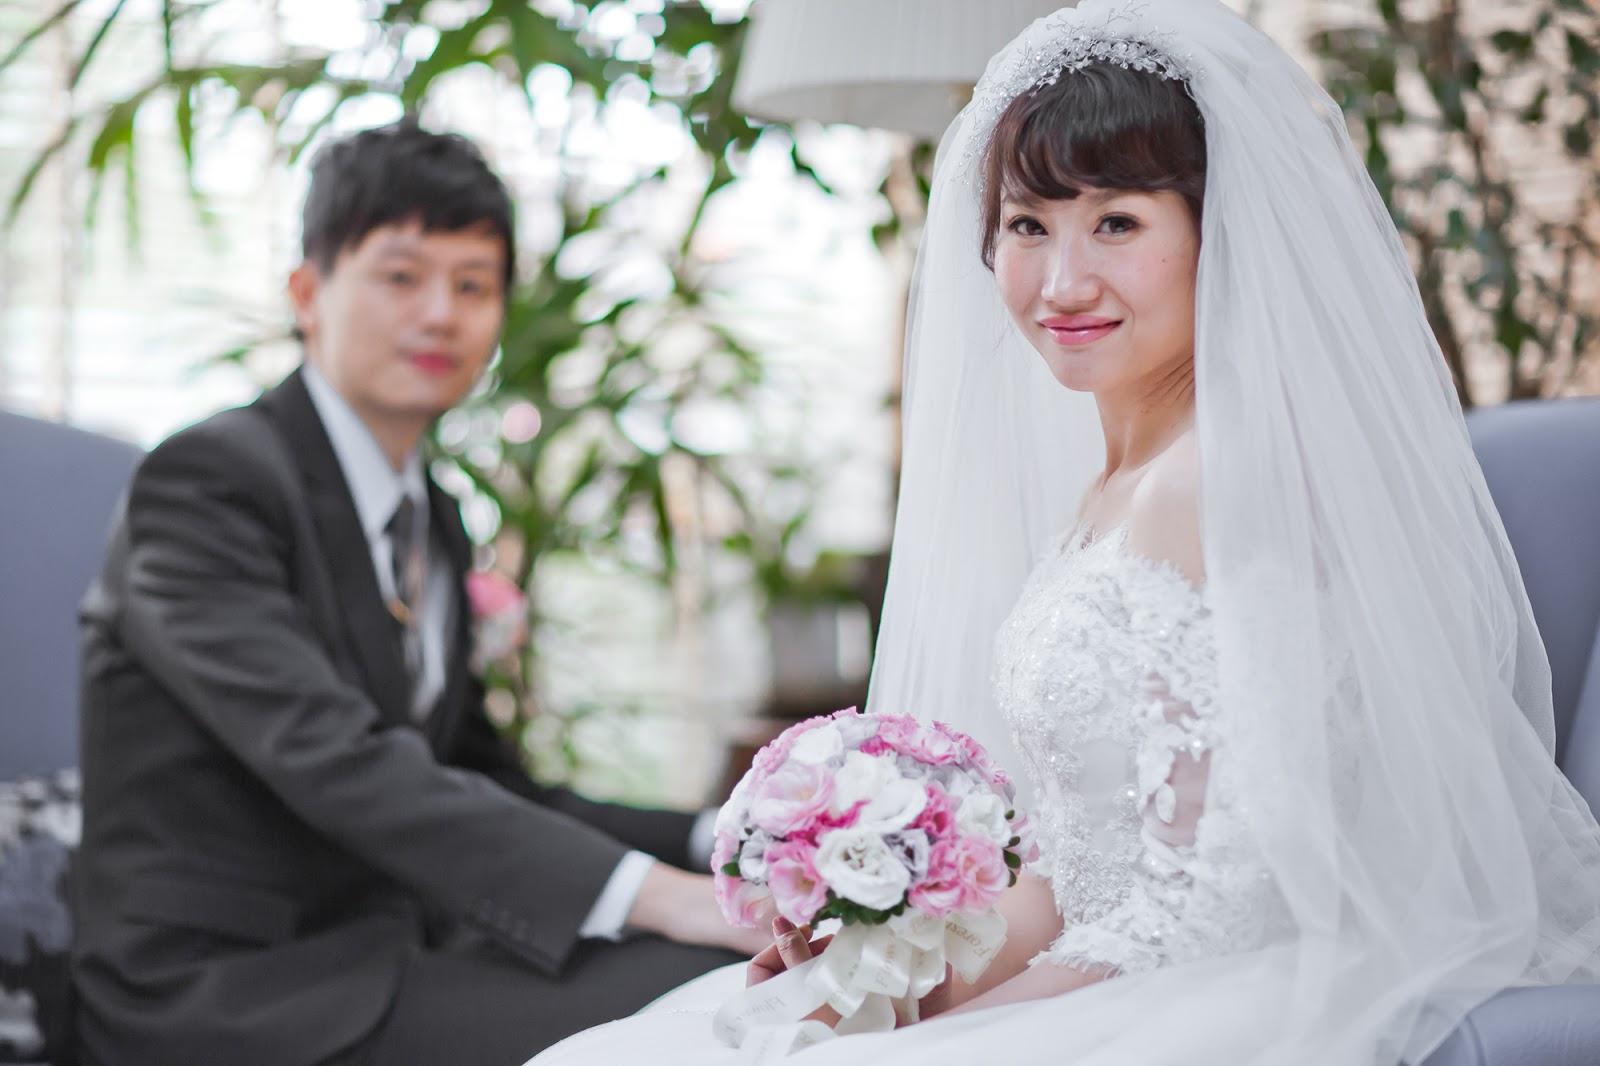 婚禮攝影紀錄 / 歐華酒店 / 訂結儀式+午宴